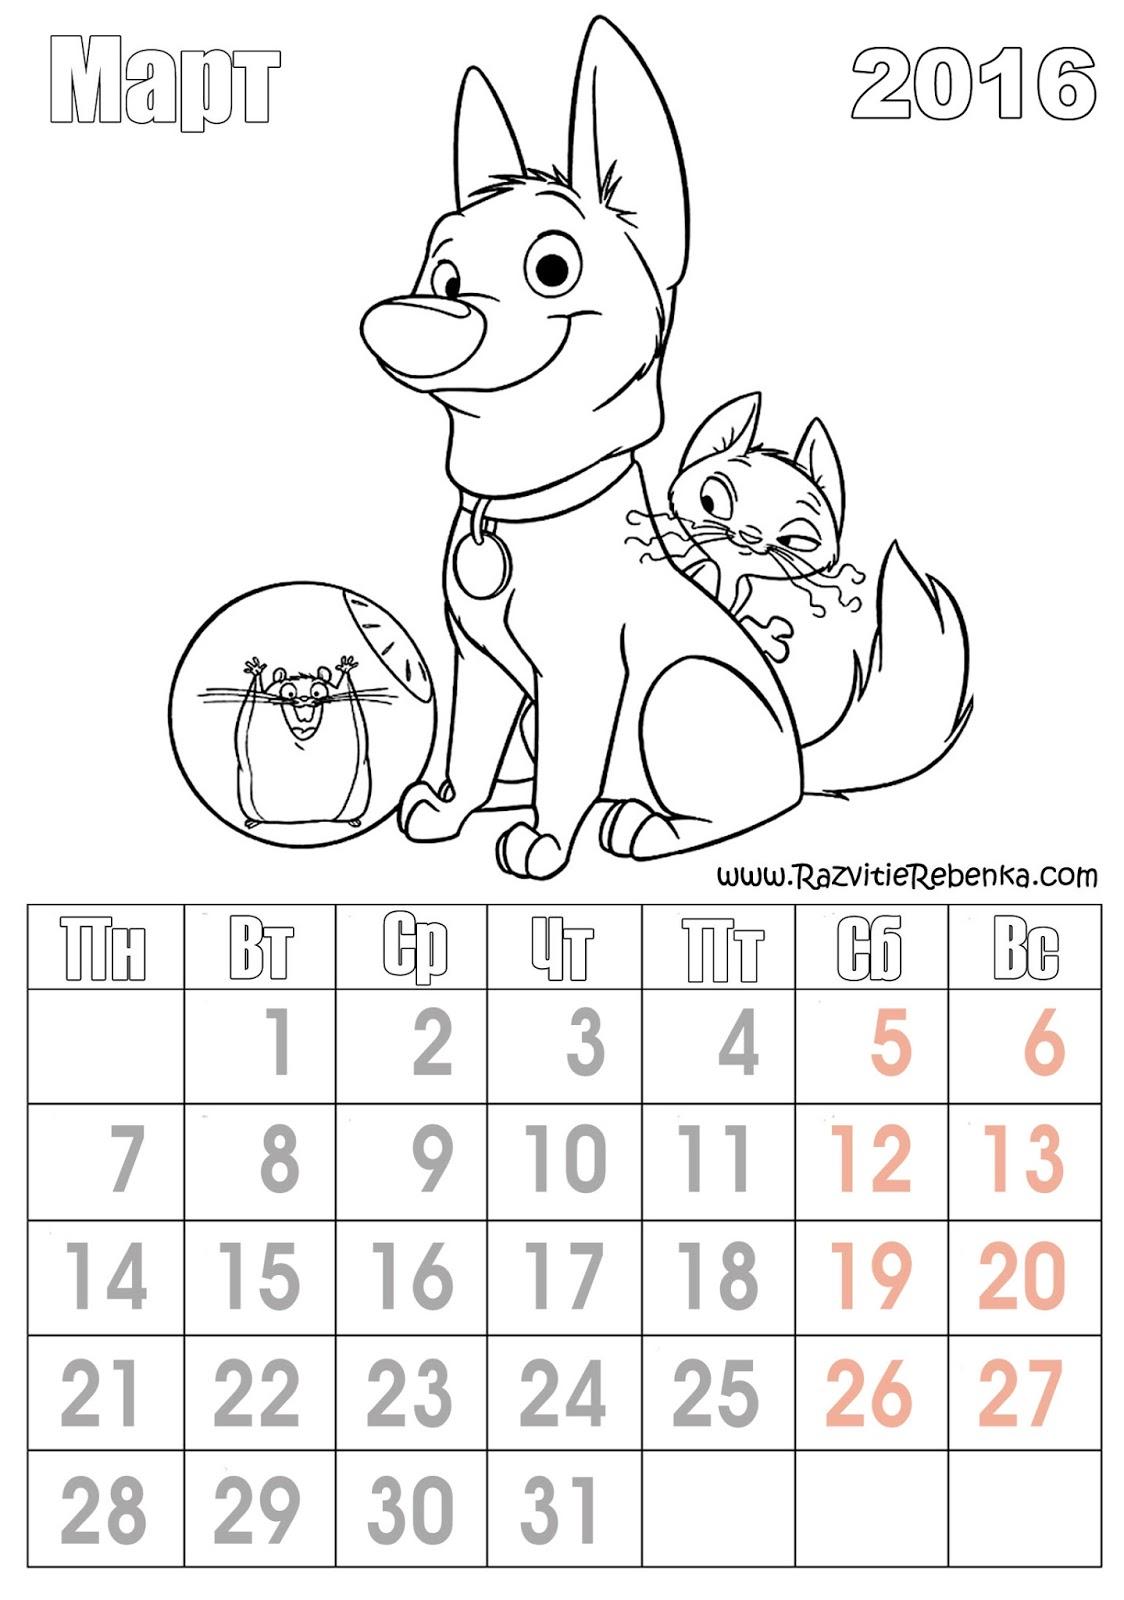 Праздники еврейского календаря 2016